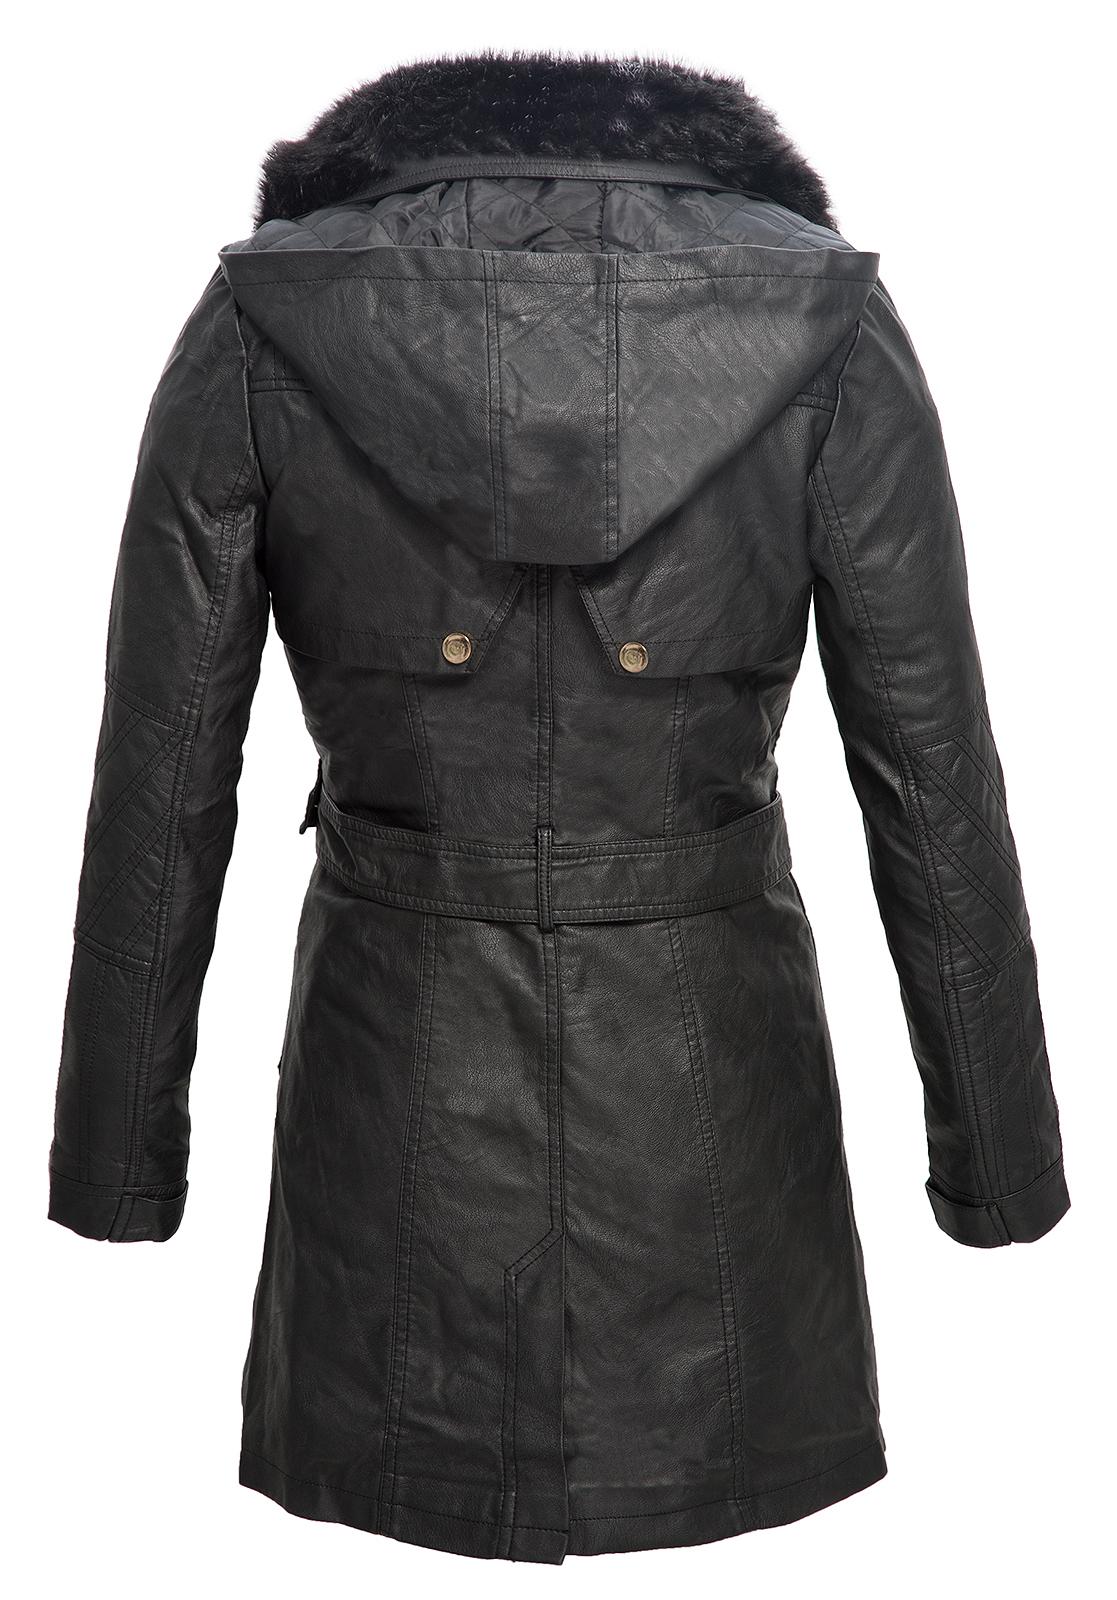 Details about Ladies Faux Leather Coat Hooded Ladies Jacket Leather Jacket Black Long d73d57 show original title